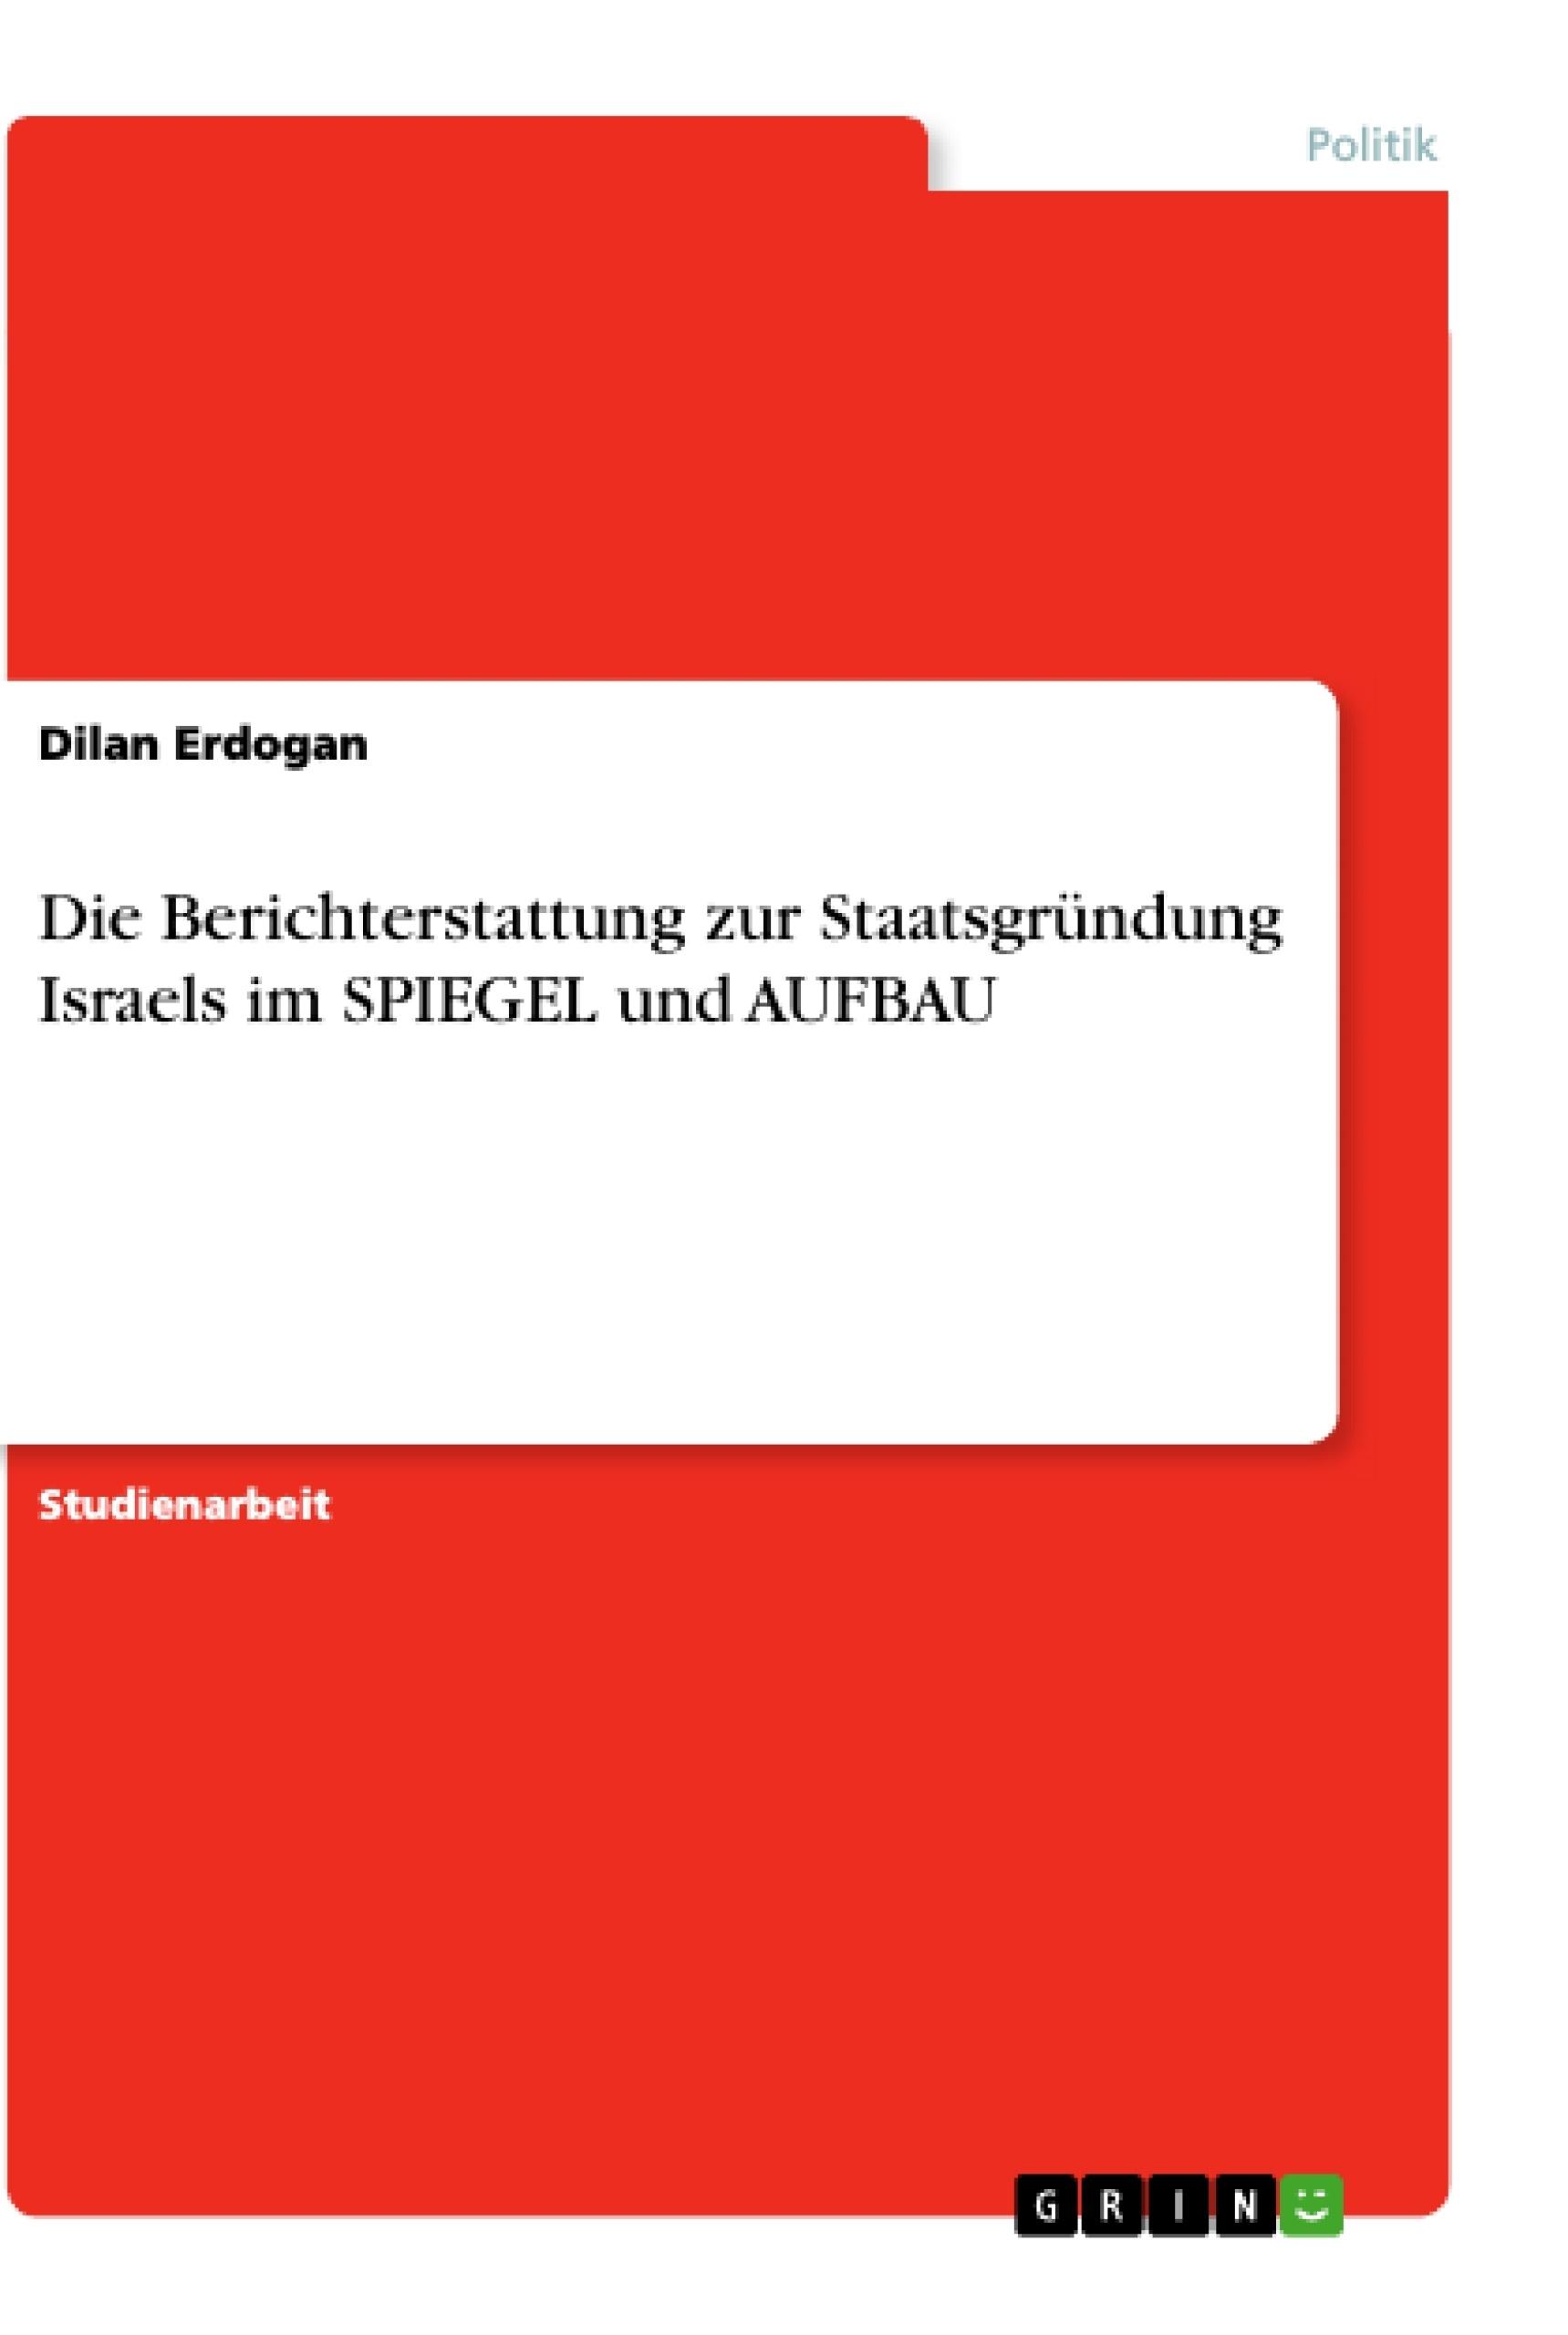 Titel: Die Berichterstattung zur Staatsgründung Israels im SPIEGEL und AUFBAU